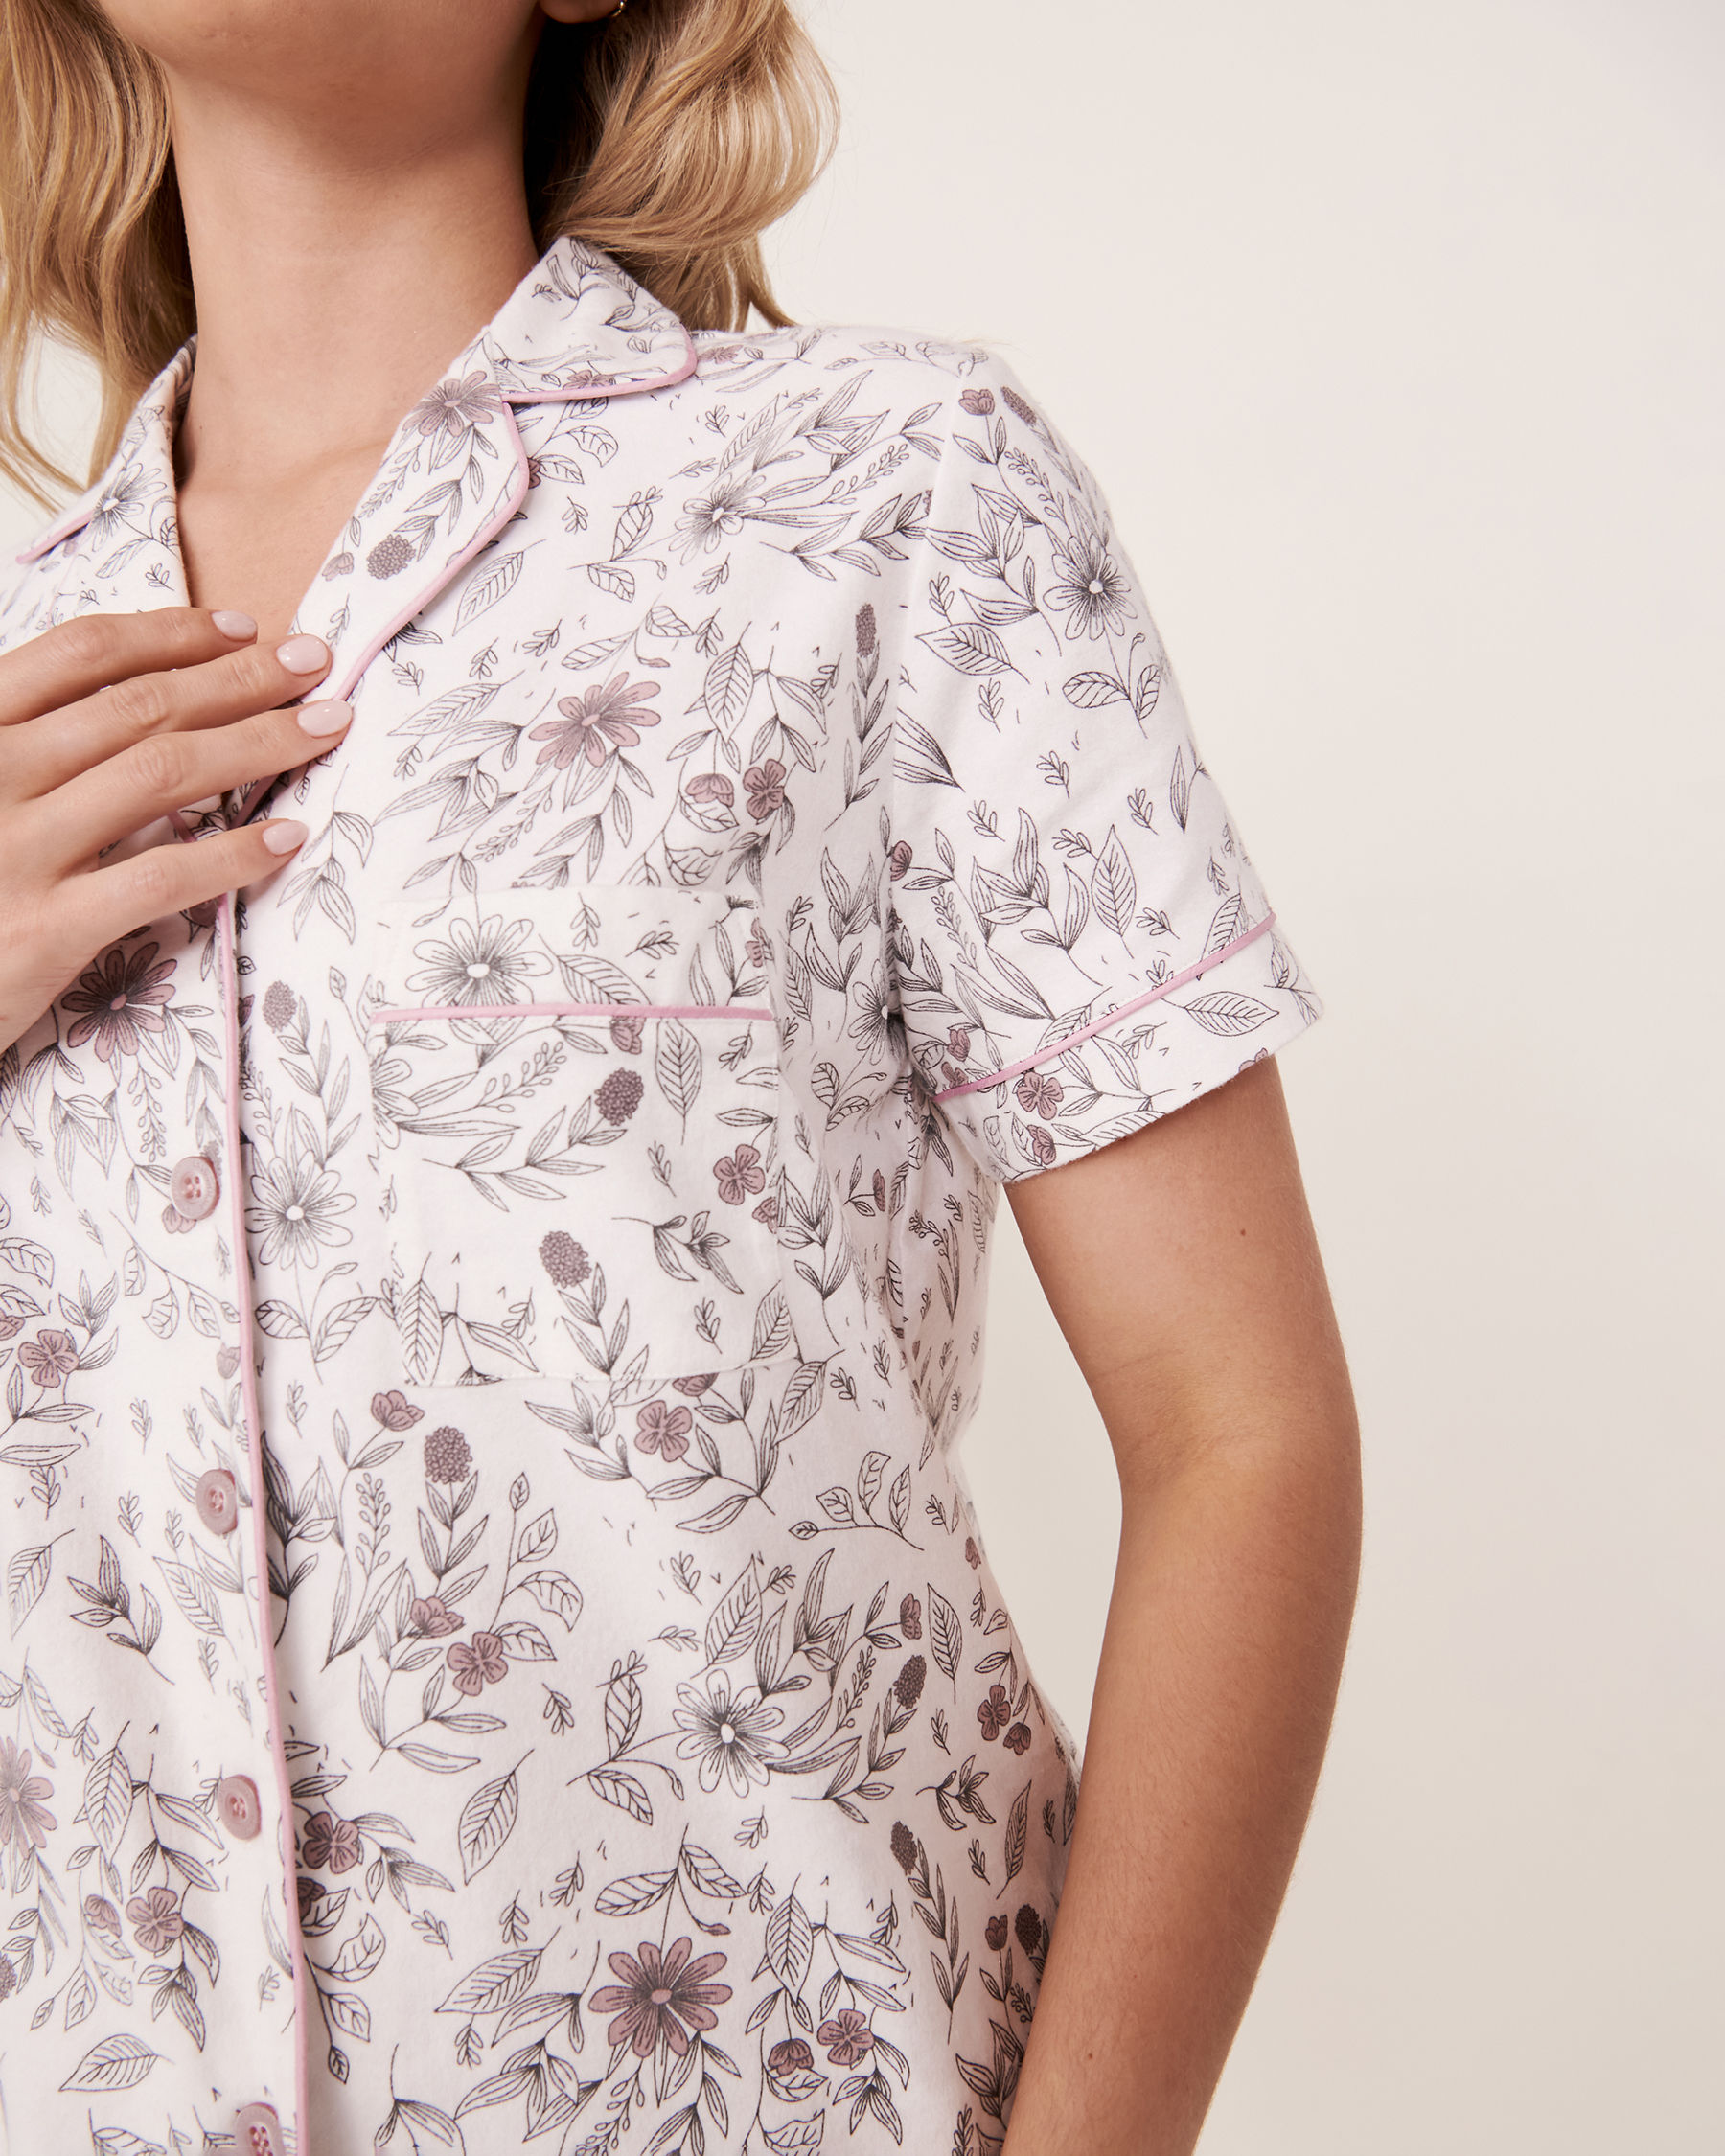 LA VIE EN ROSE Ensemble pyjama short en flanelle Feuillage 40400011 - Voir3